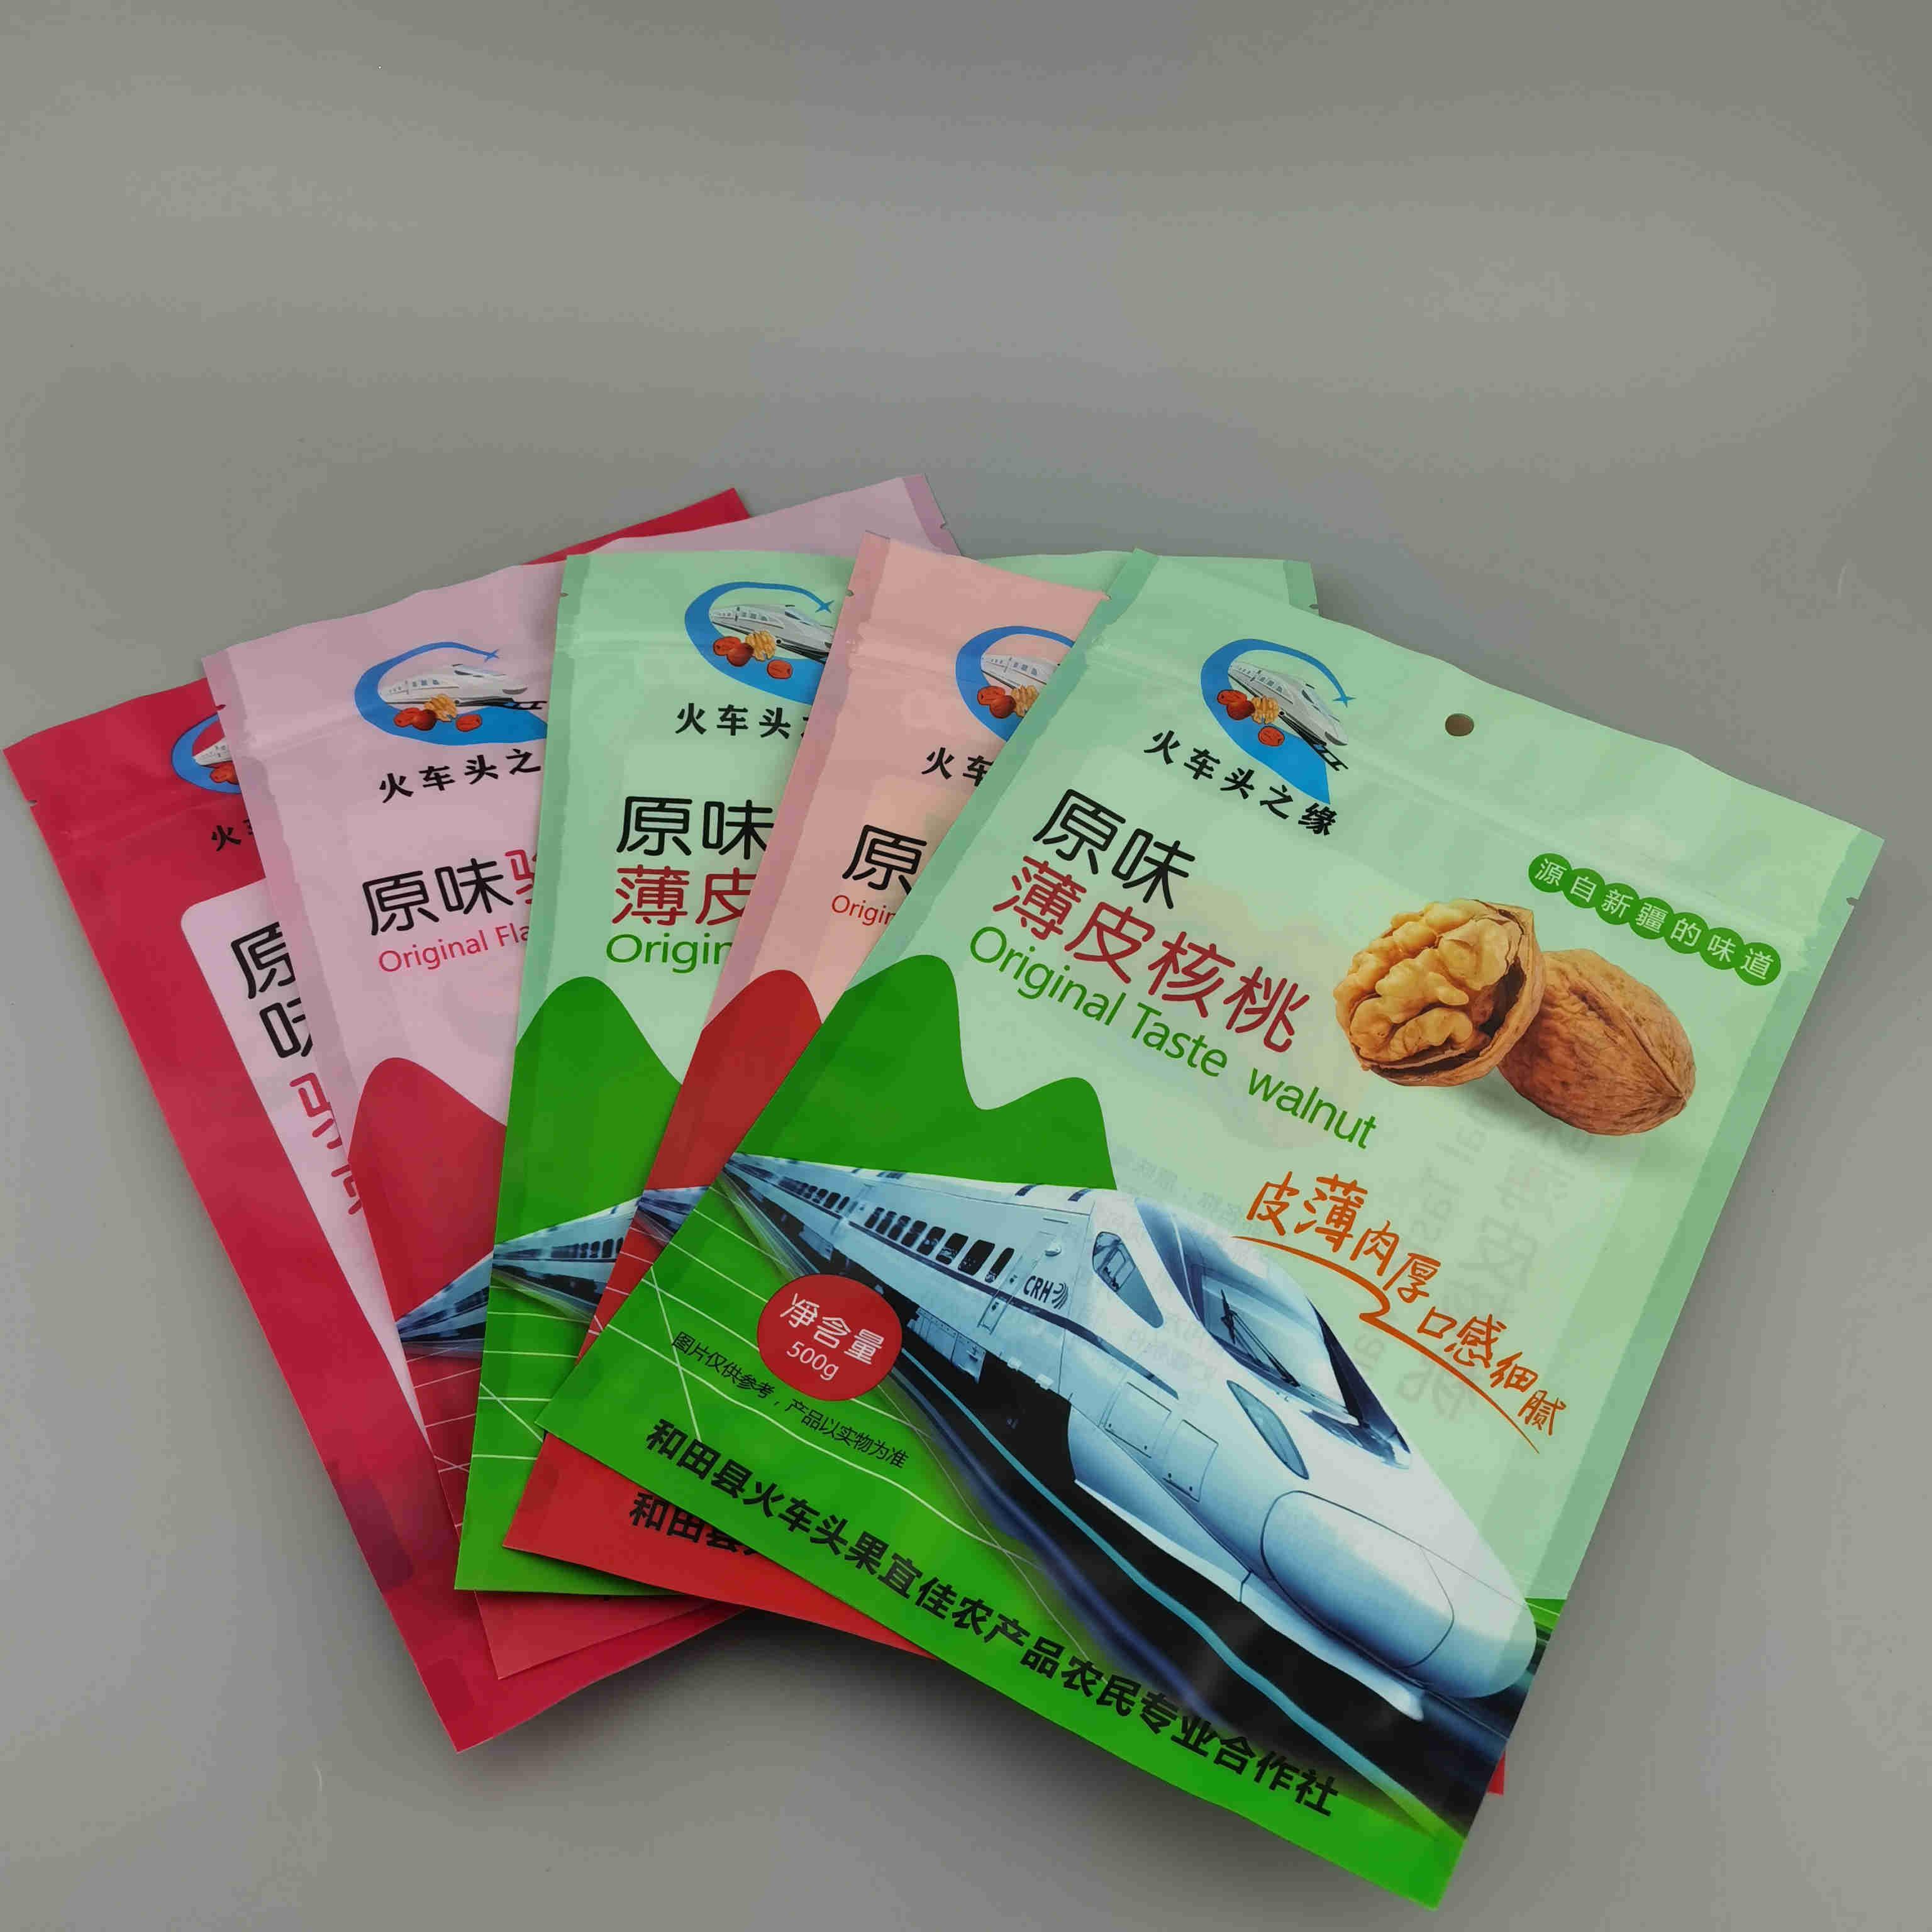 自立自封袋坚果核桃食品类骨条三边封包装袋厂家定制彩印